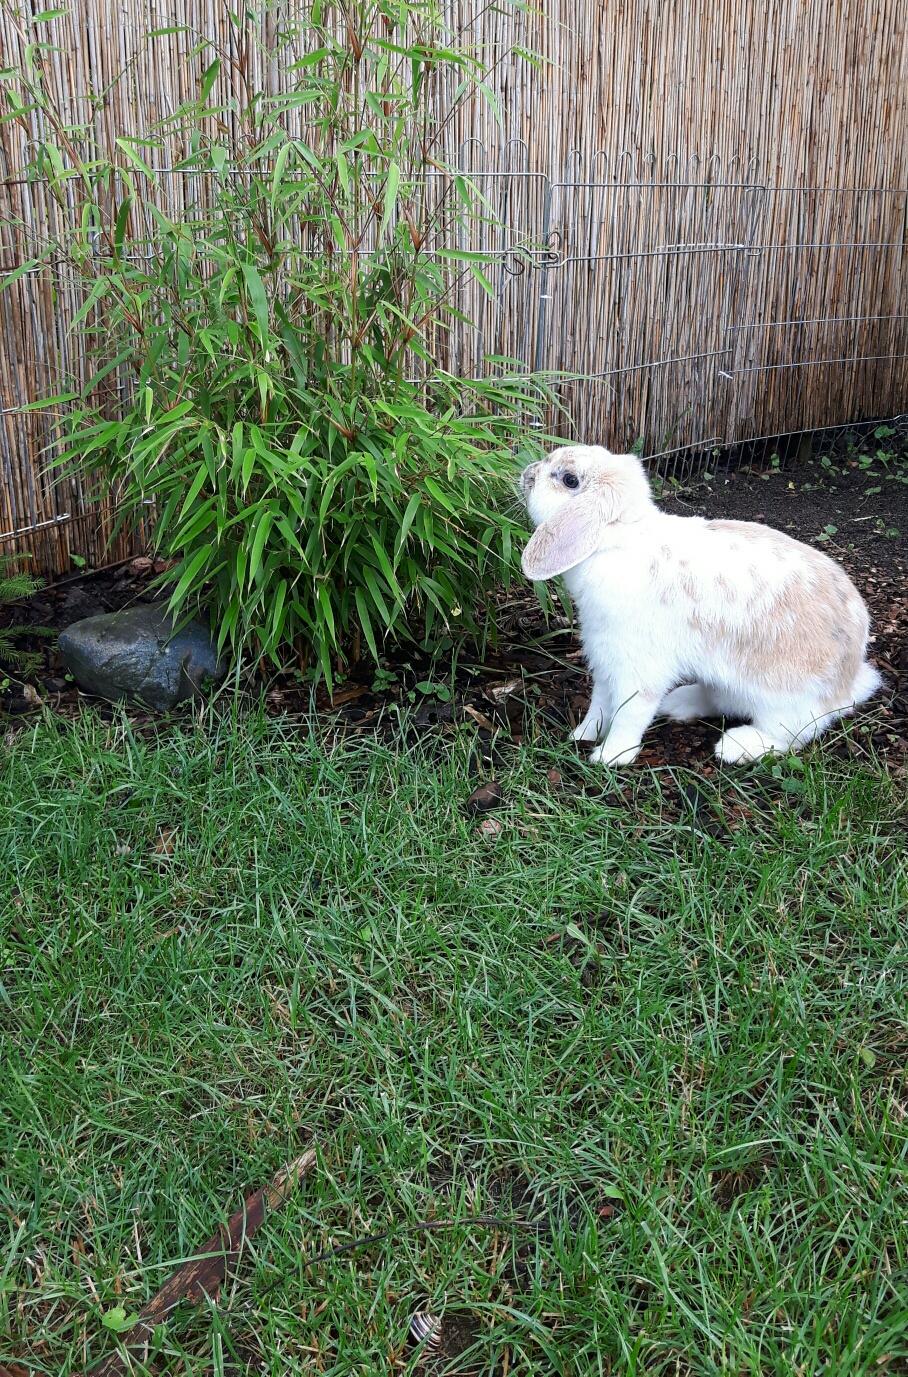 Einige unsere Kaninchen  rennen  auch frei im Garten  umher.  ;-)